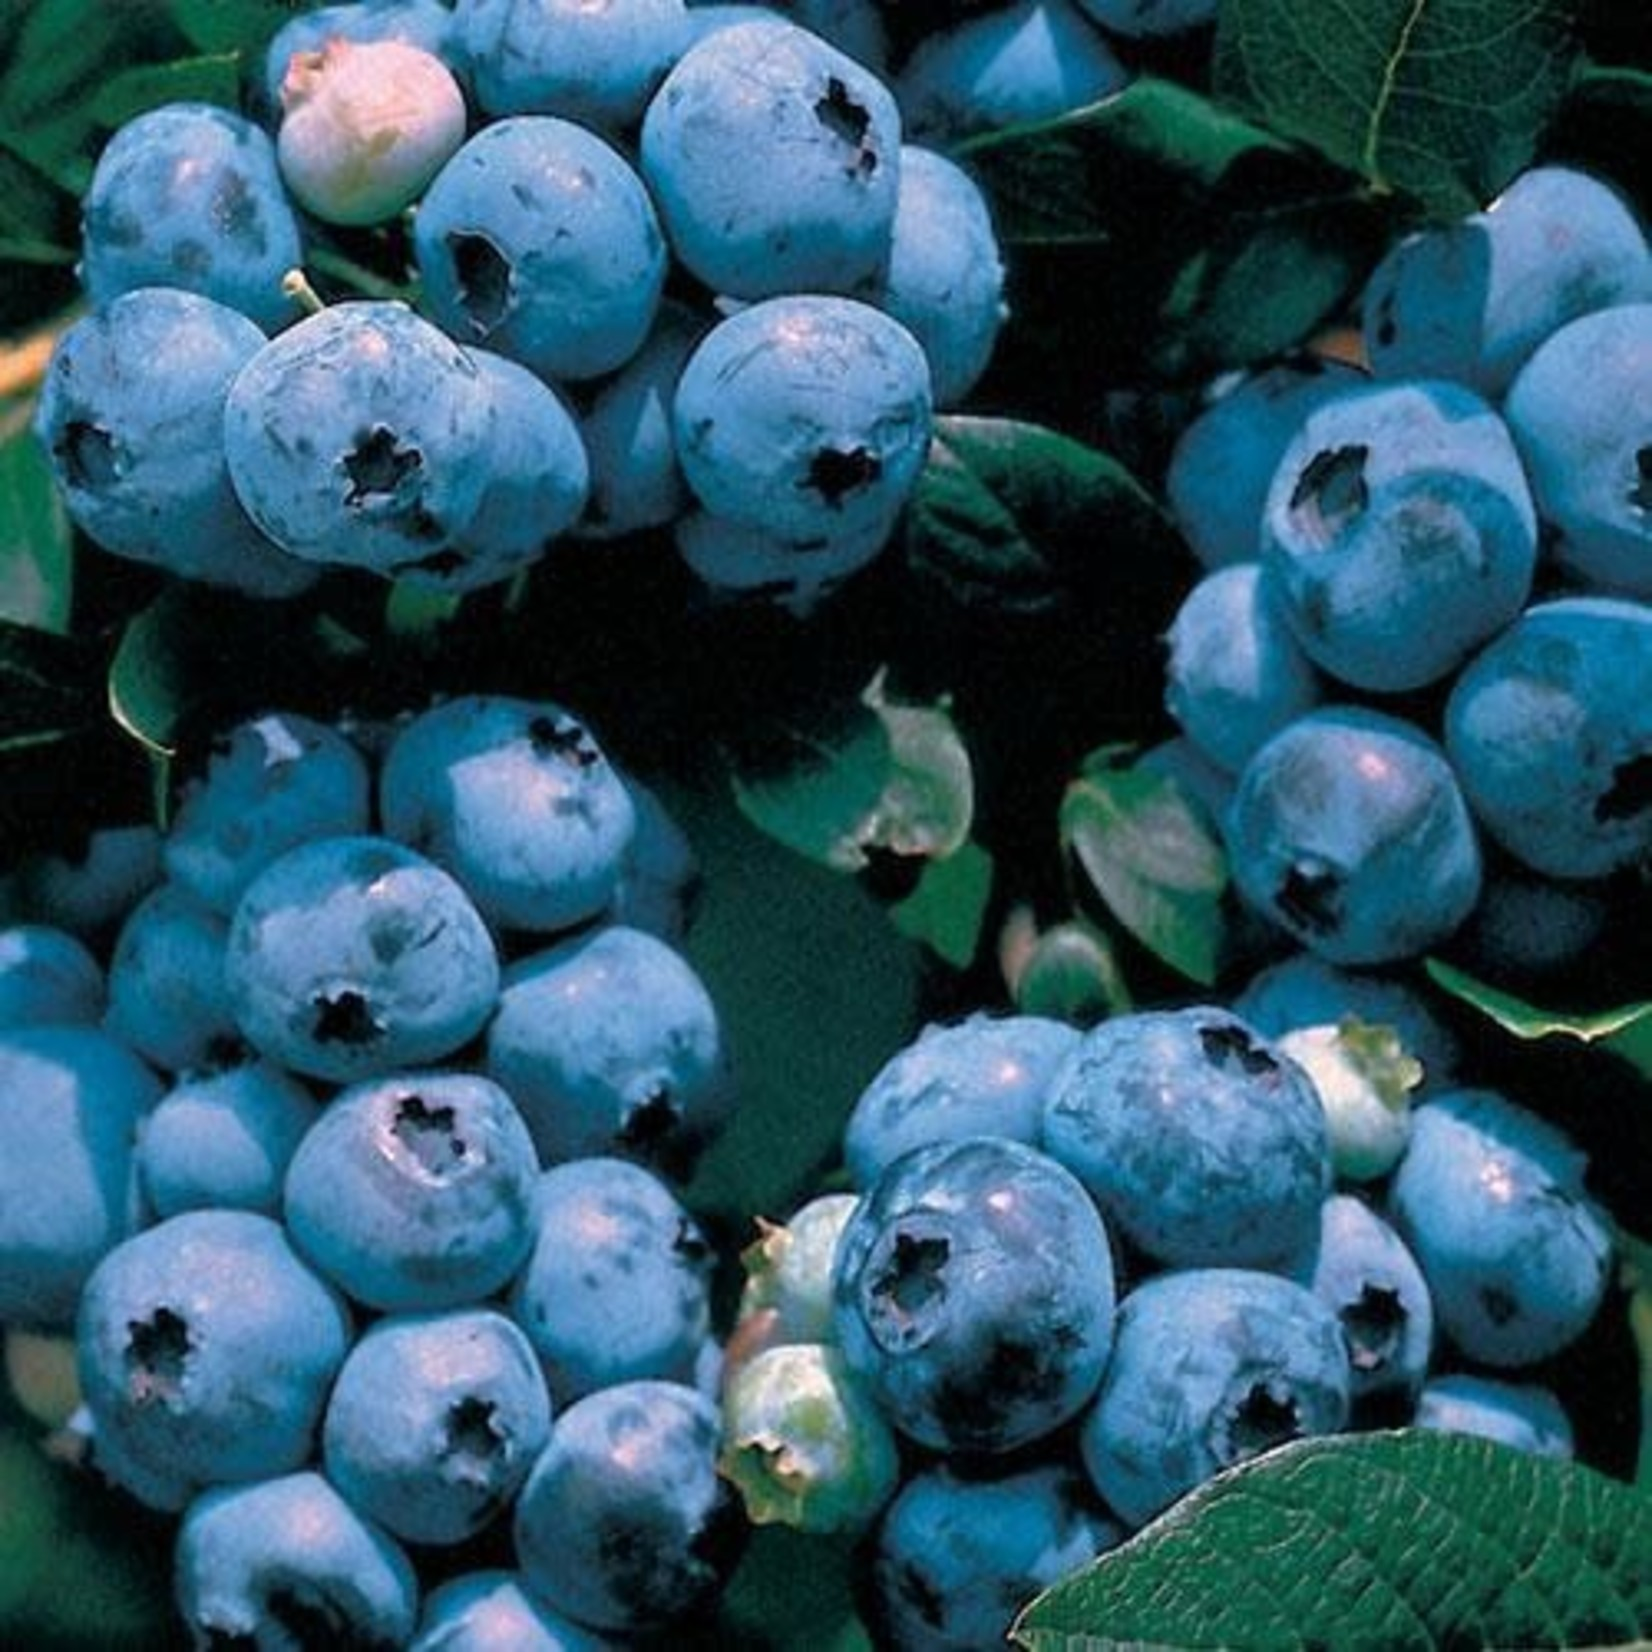 Blueberry - Vaccinium 'Blueray' - 2 gal